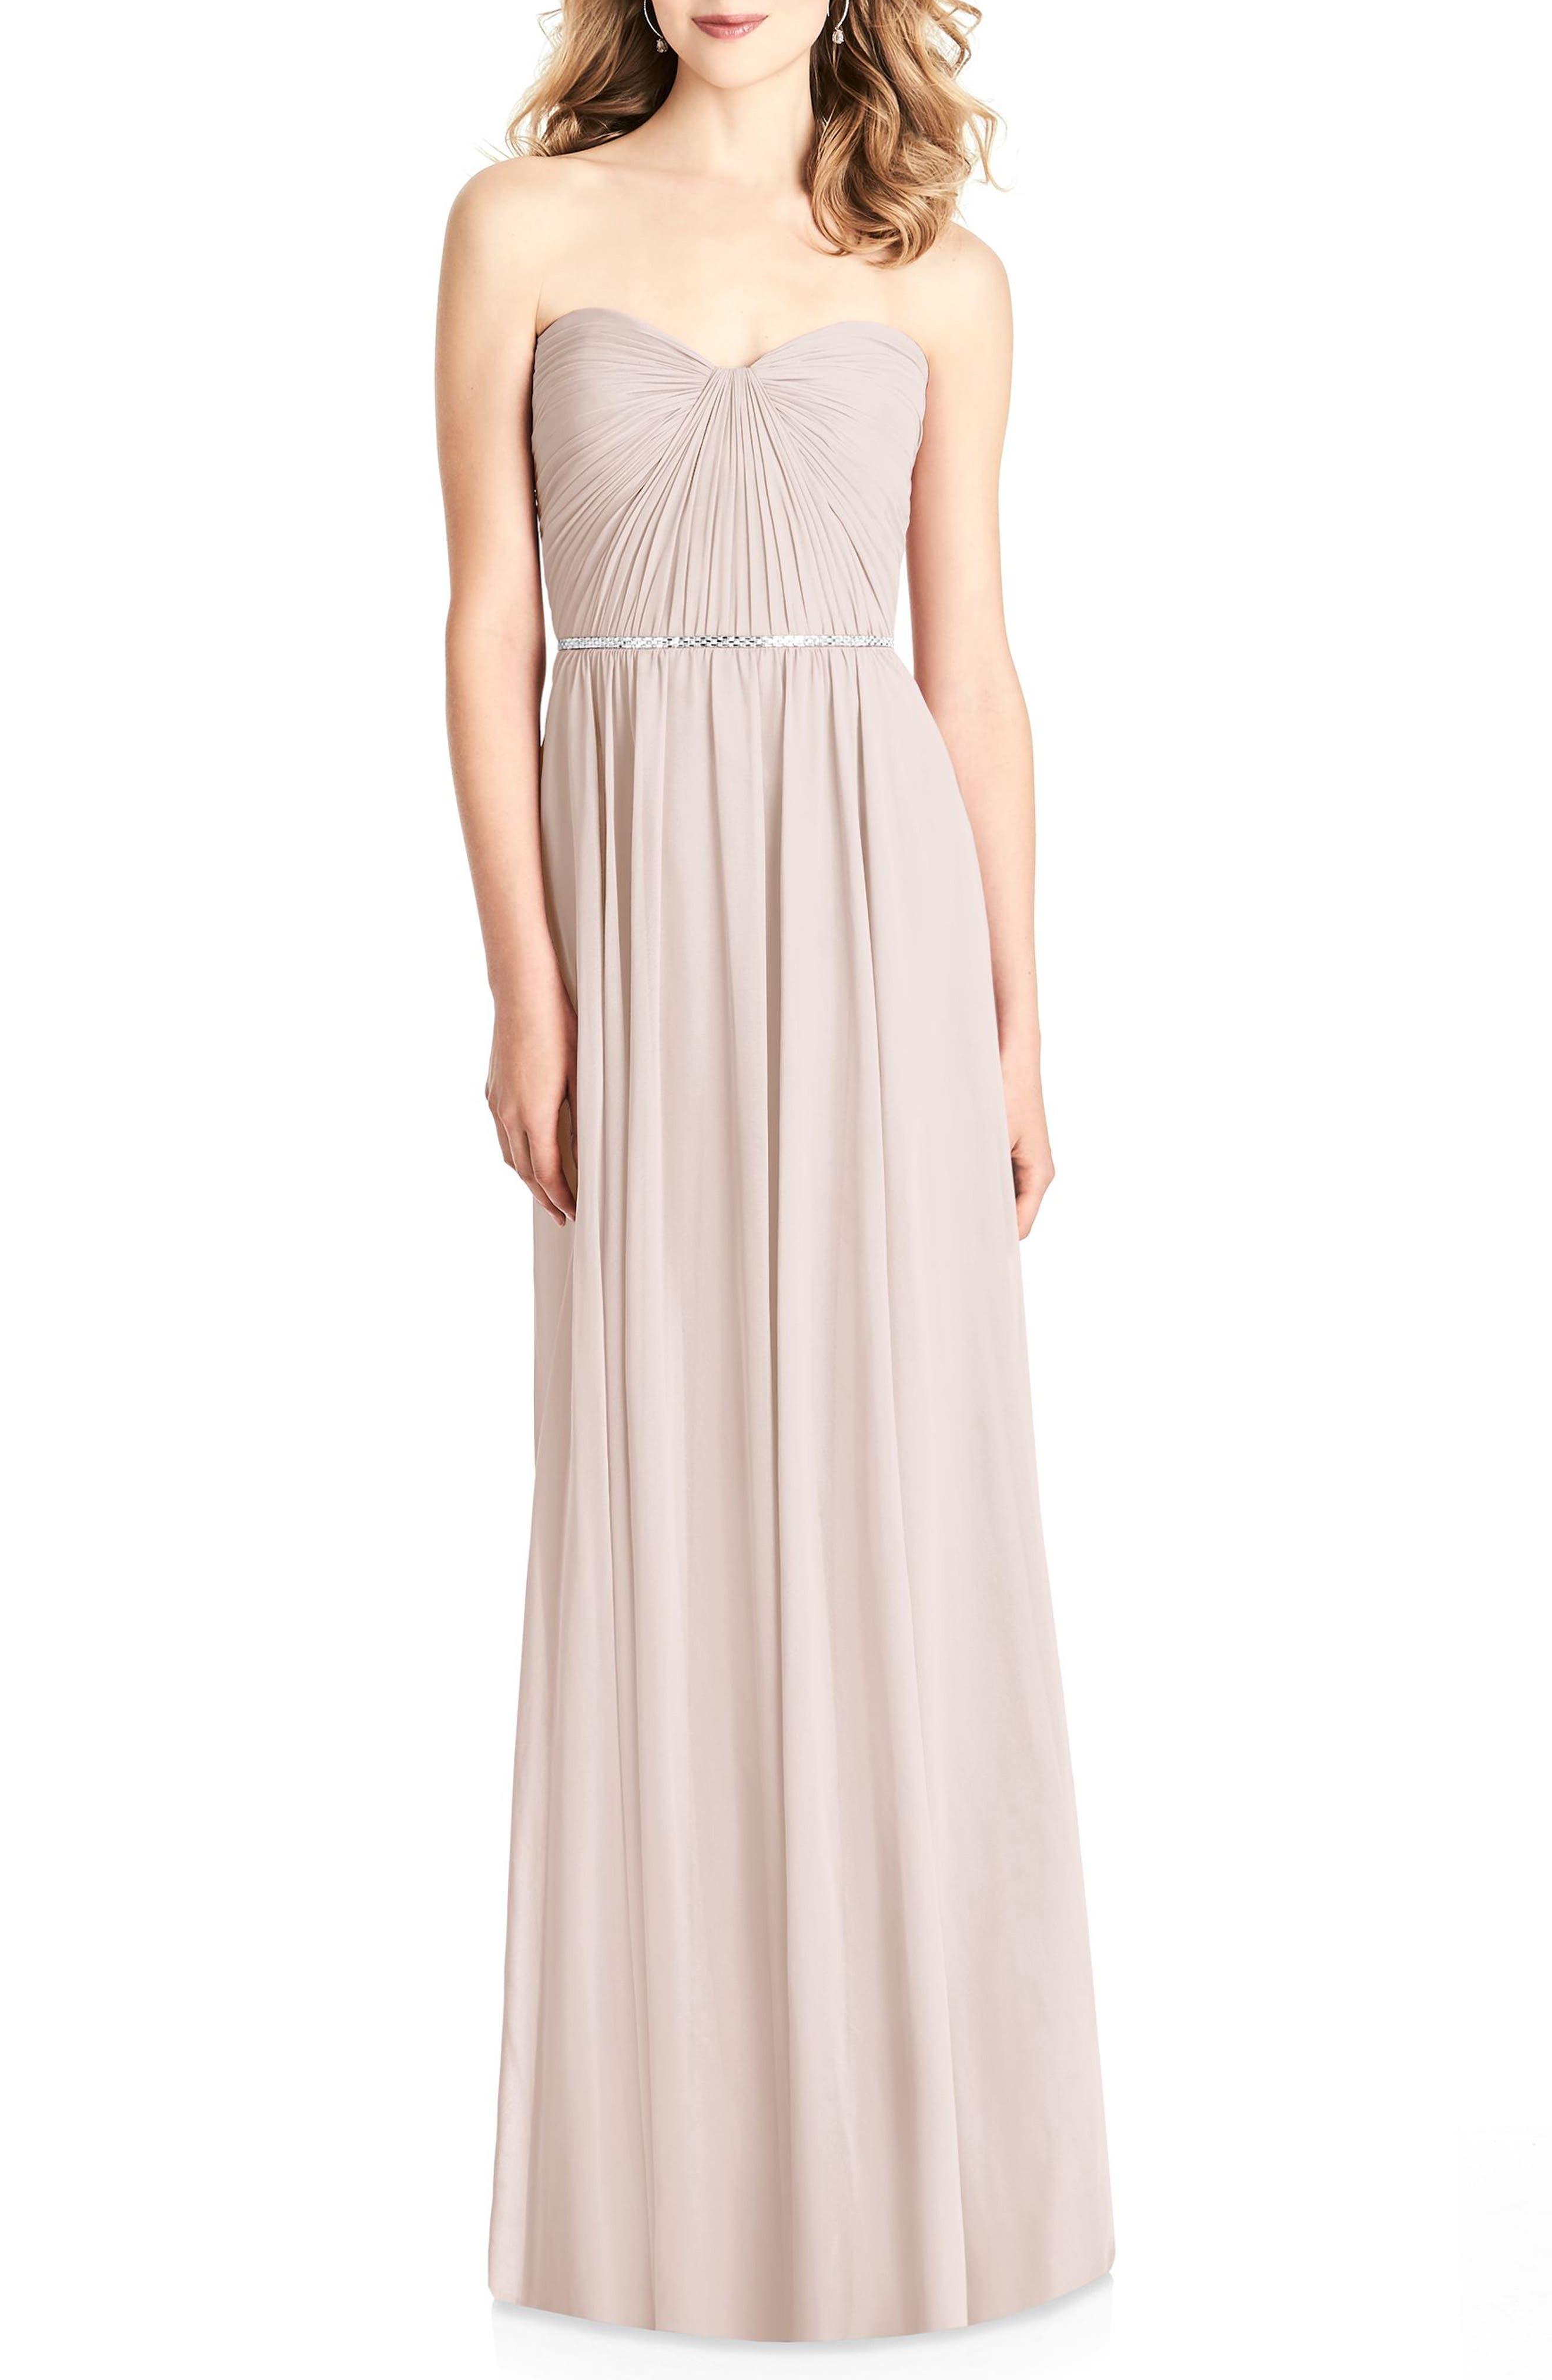 Jenny Packham Strapless Chiffon Gown, Pink